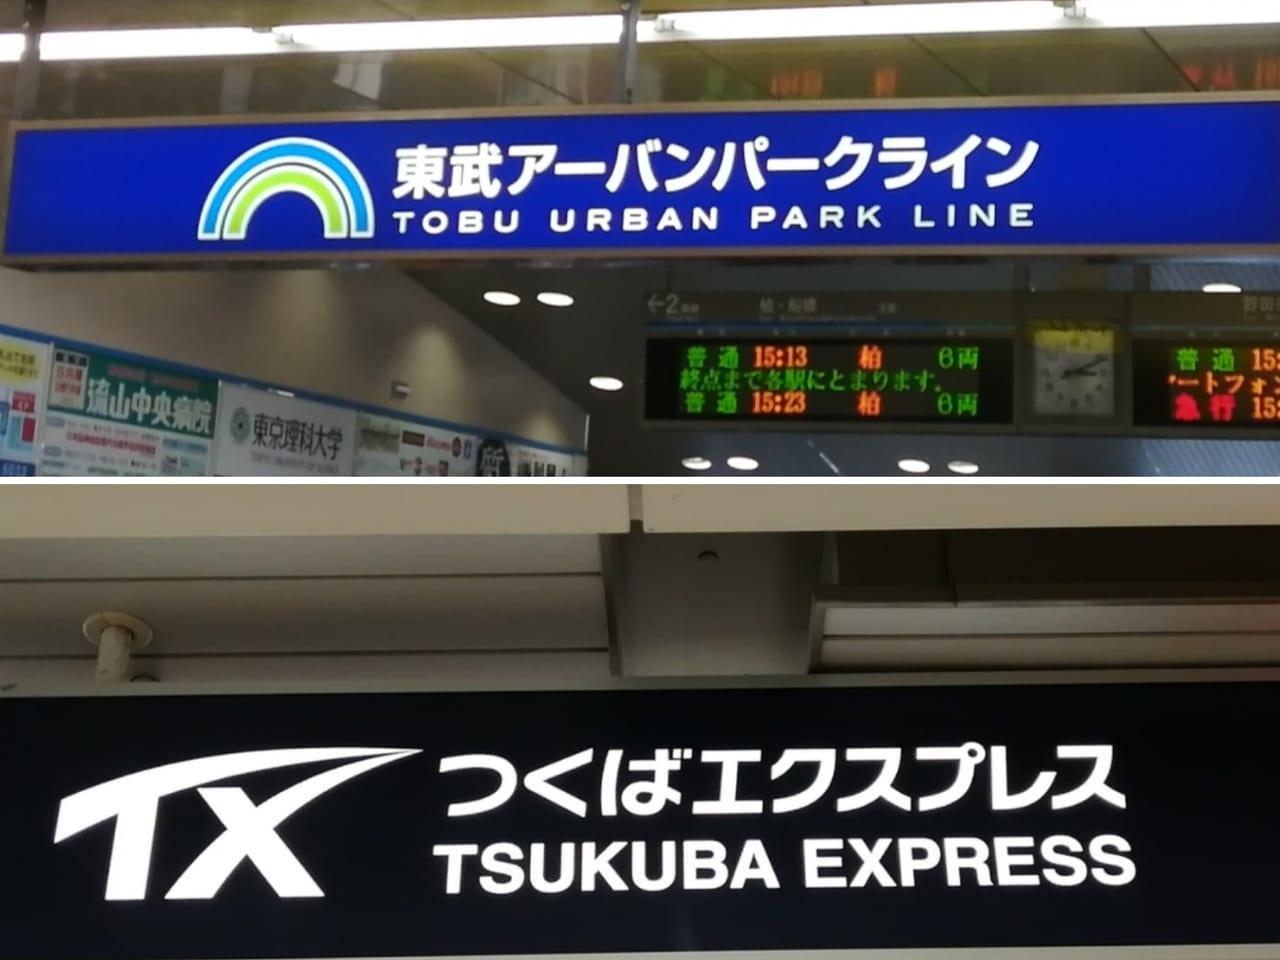 緊急事態宣言に伴う終電の繰り上げが1月20日から実施。《東武アーバンパークライン・つくばエクスプレス》